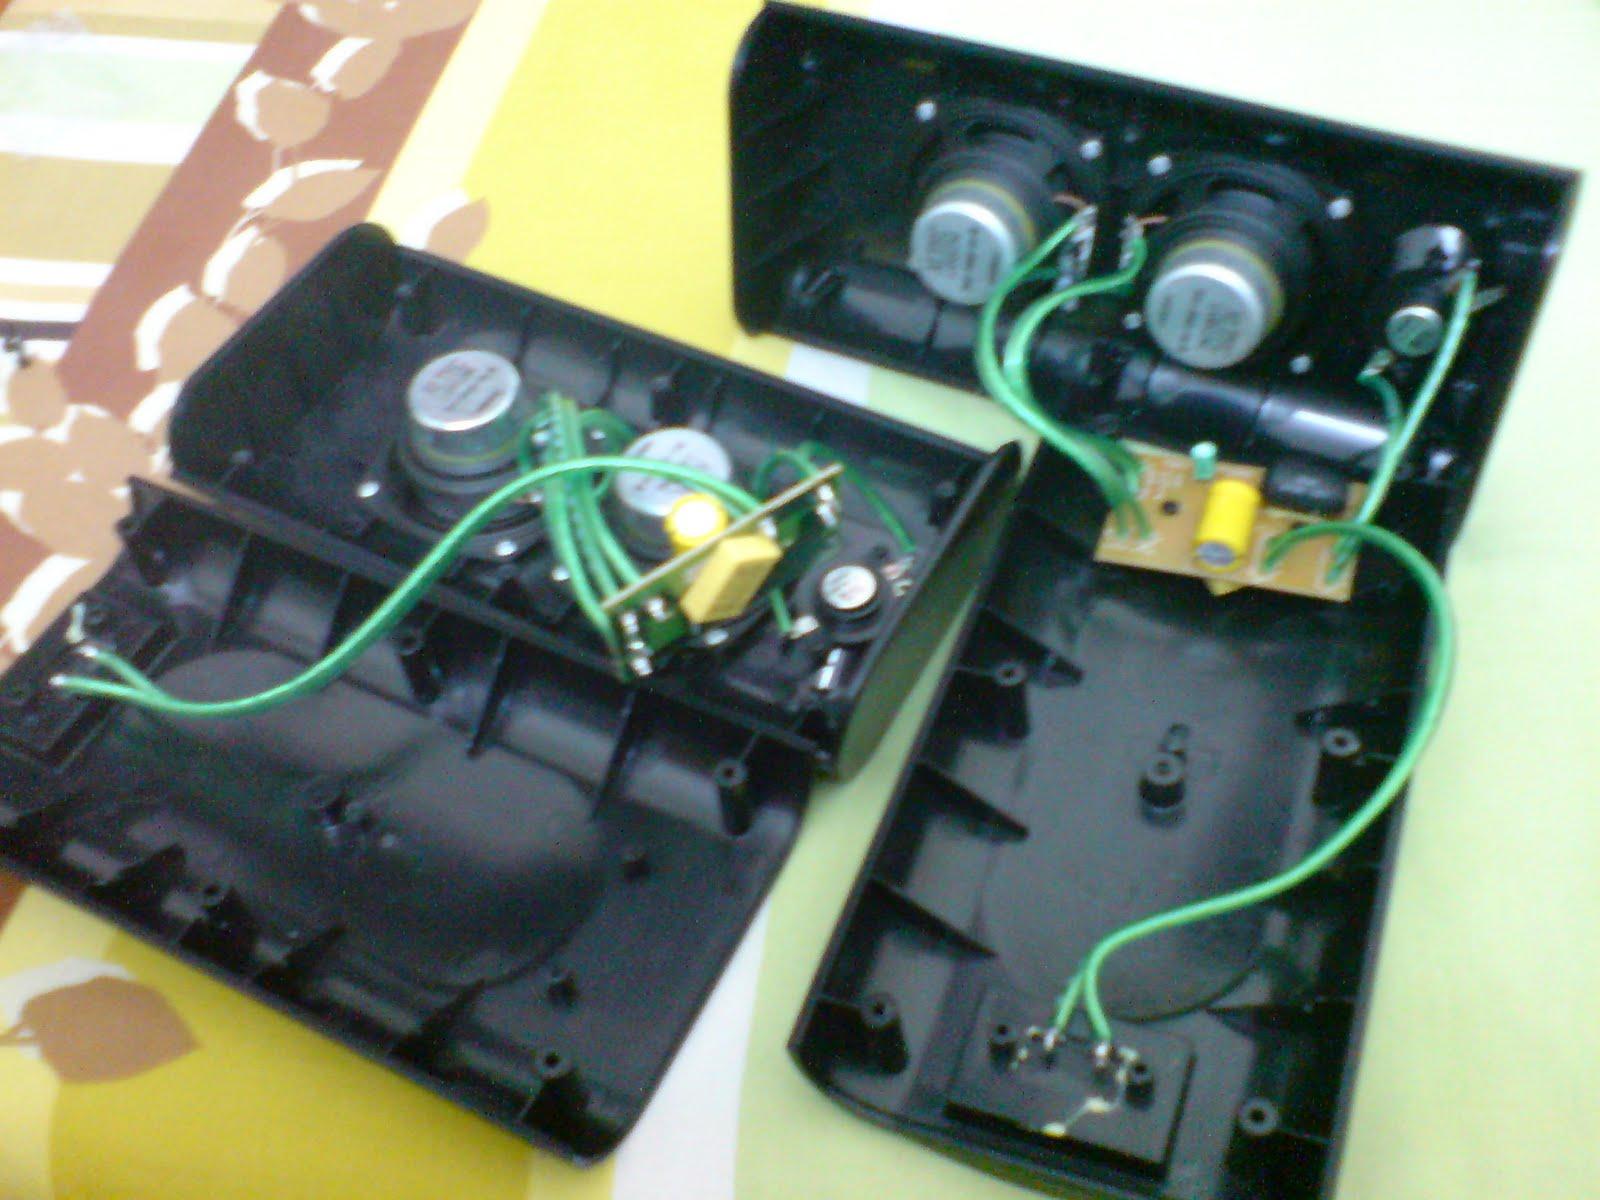 Vc U0026 39 S Junk  Altec Lansing Mx5021 Modification  Part 1